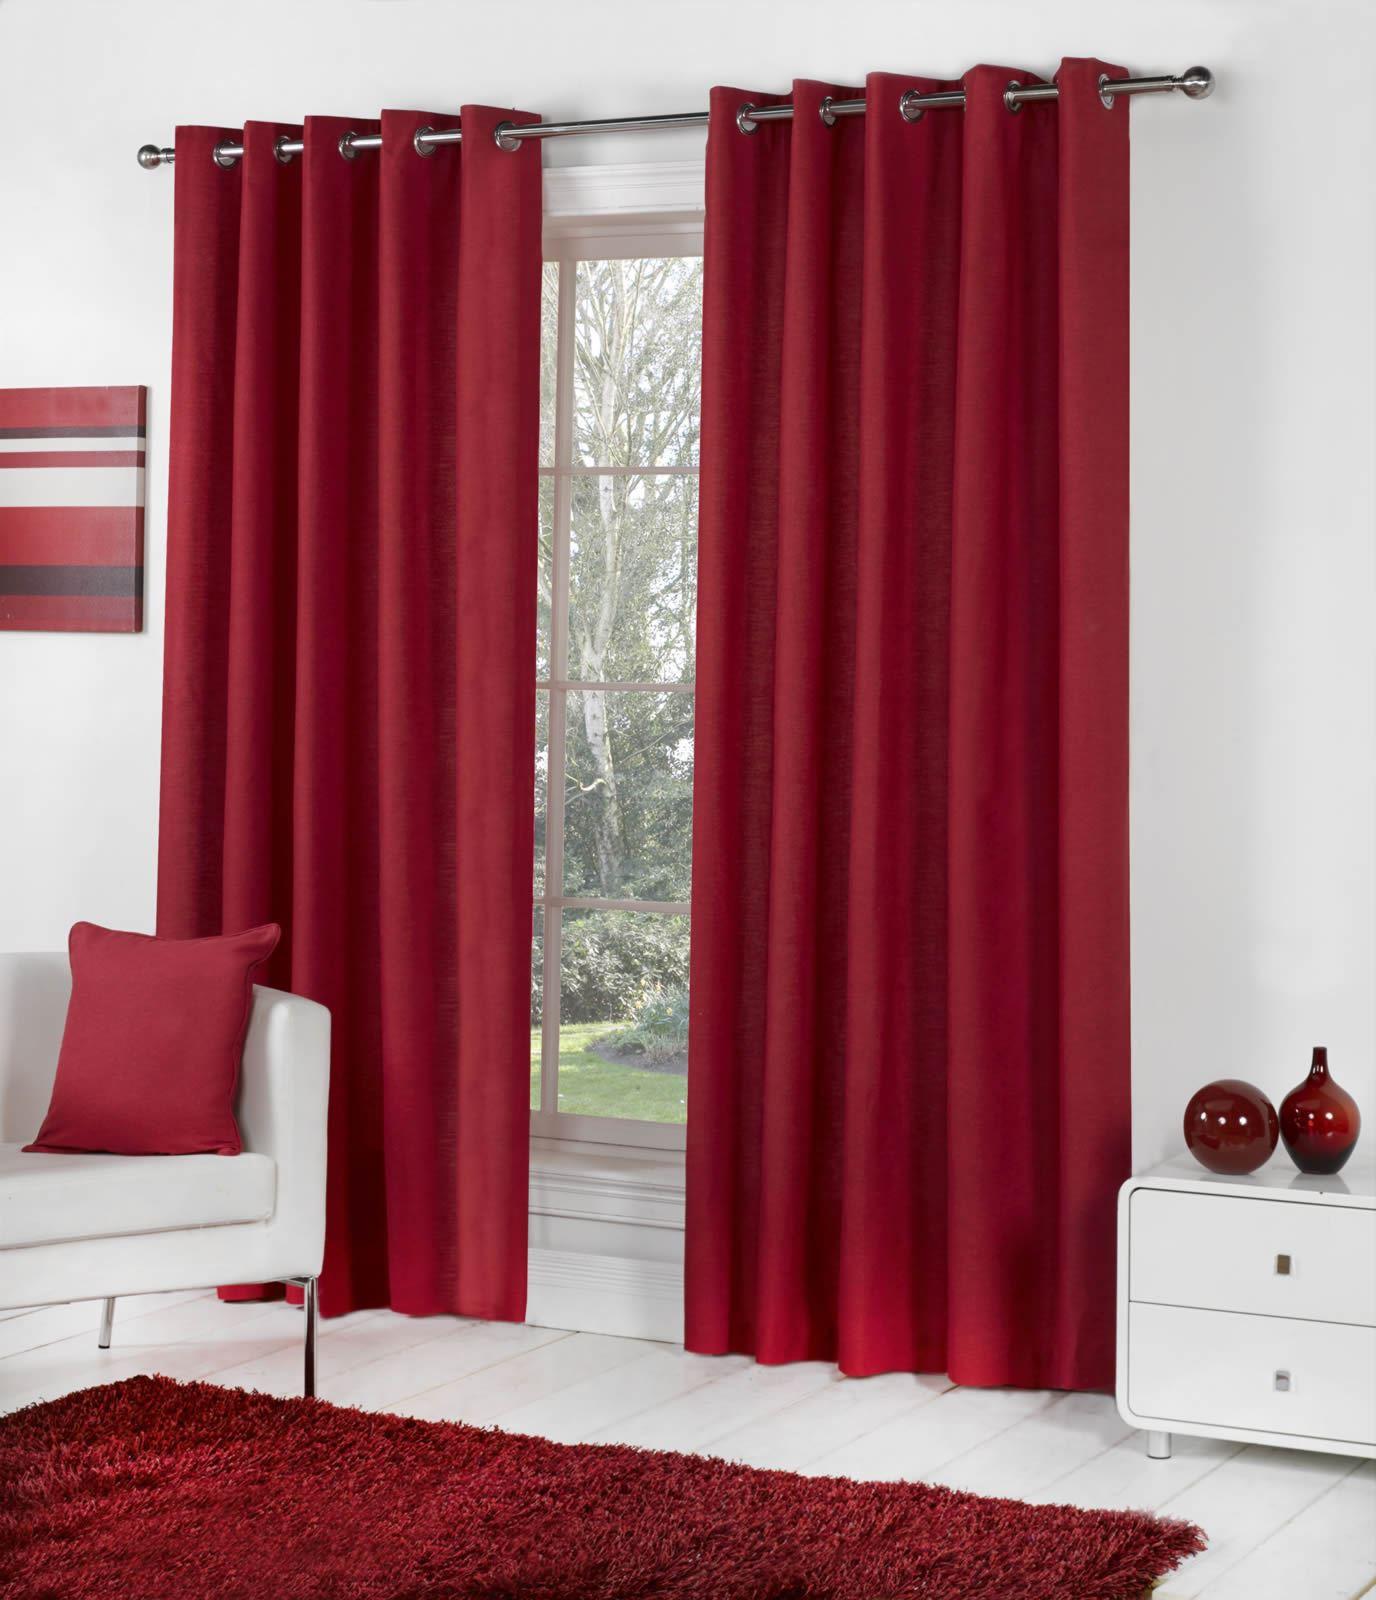 se vorh nge 100 baumwolle fertige vorh nge gardinen enth lt pack 2 ebay. Black Bedroom Furniture Sets. Home Design Ideas